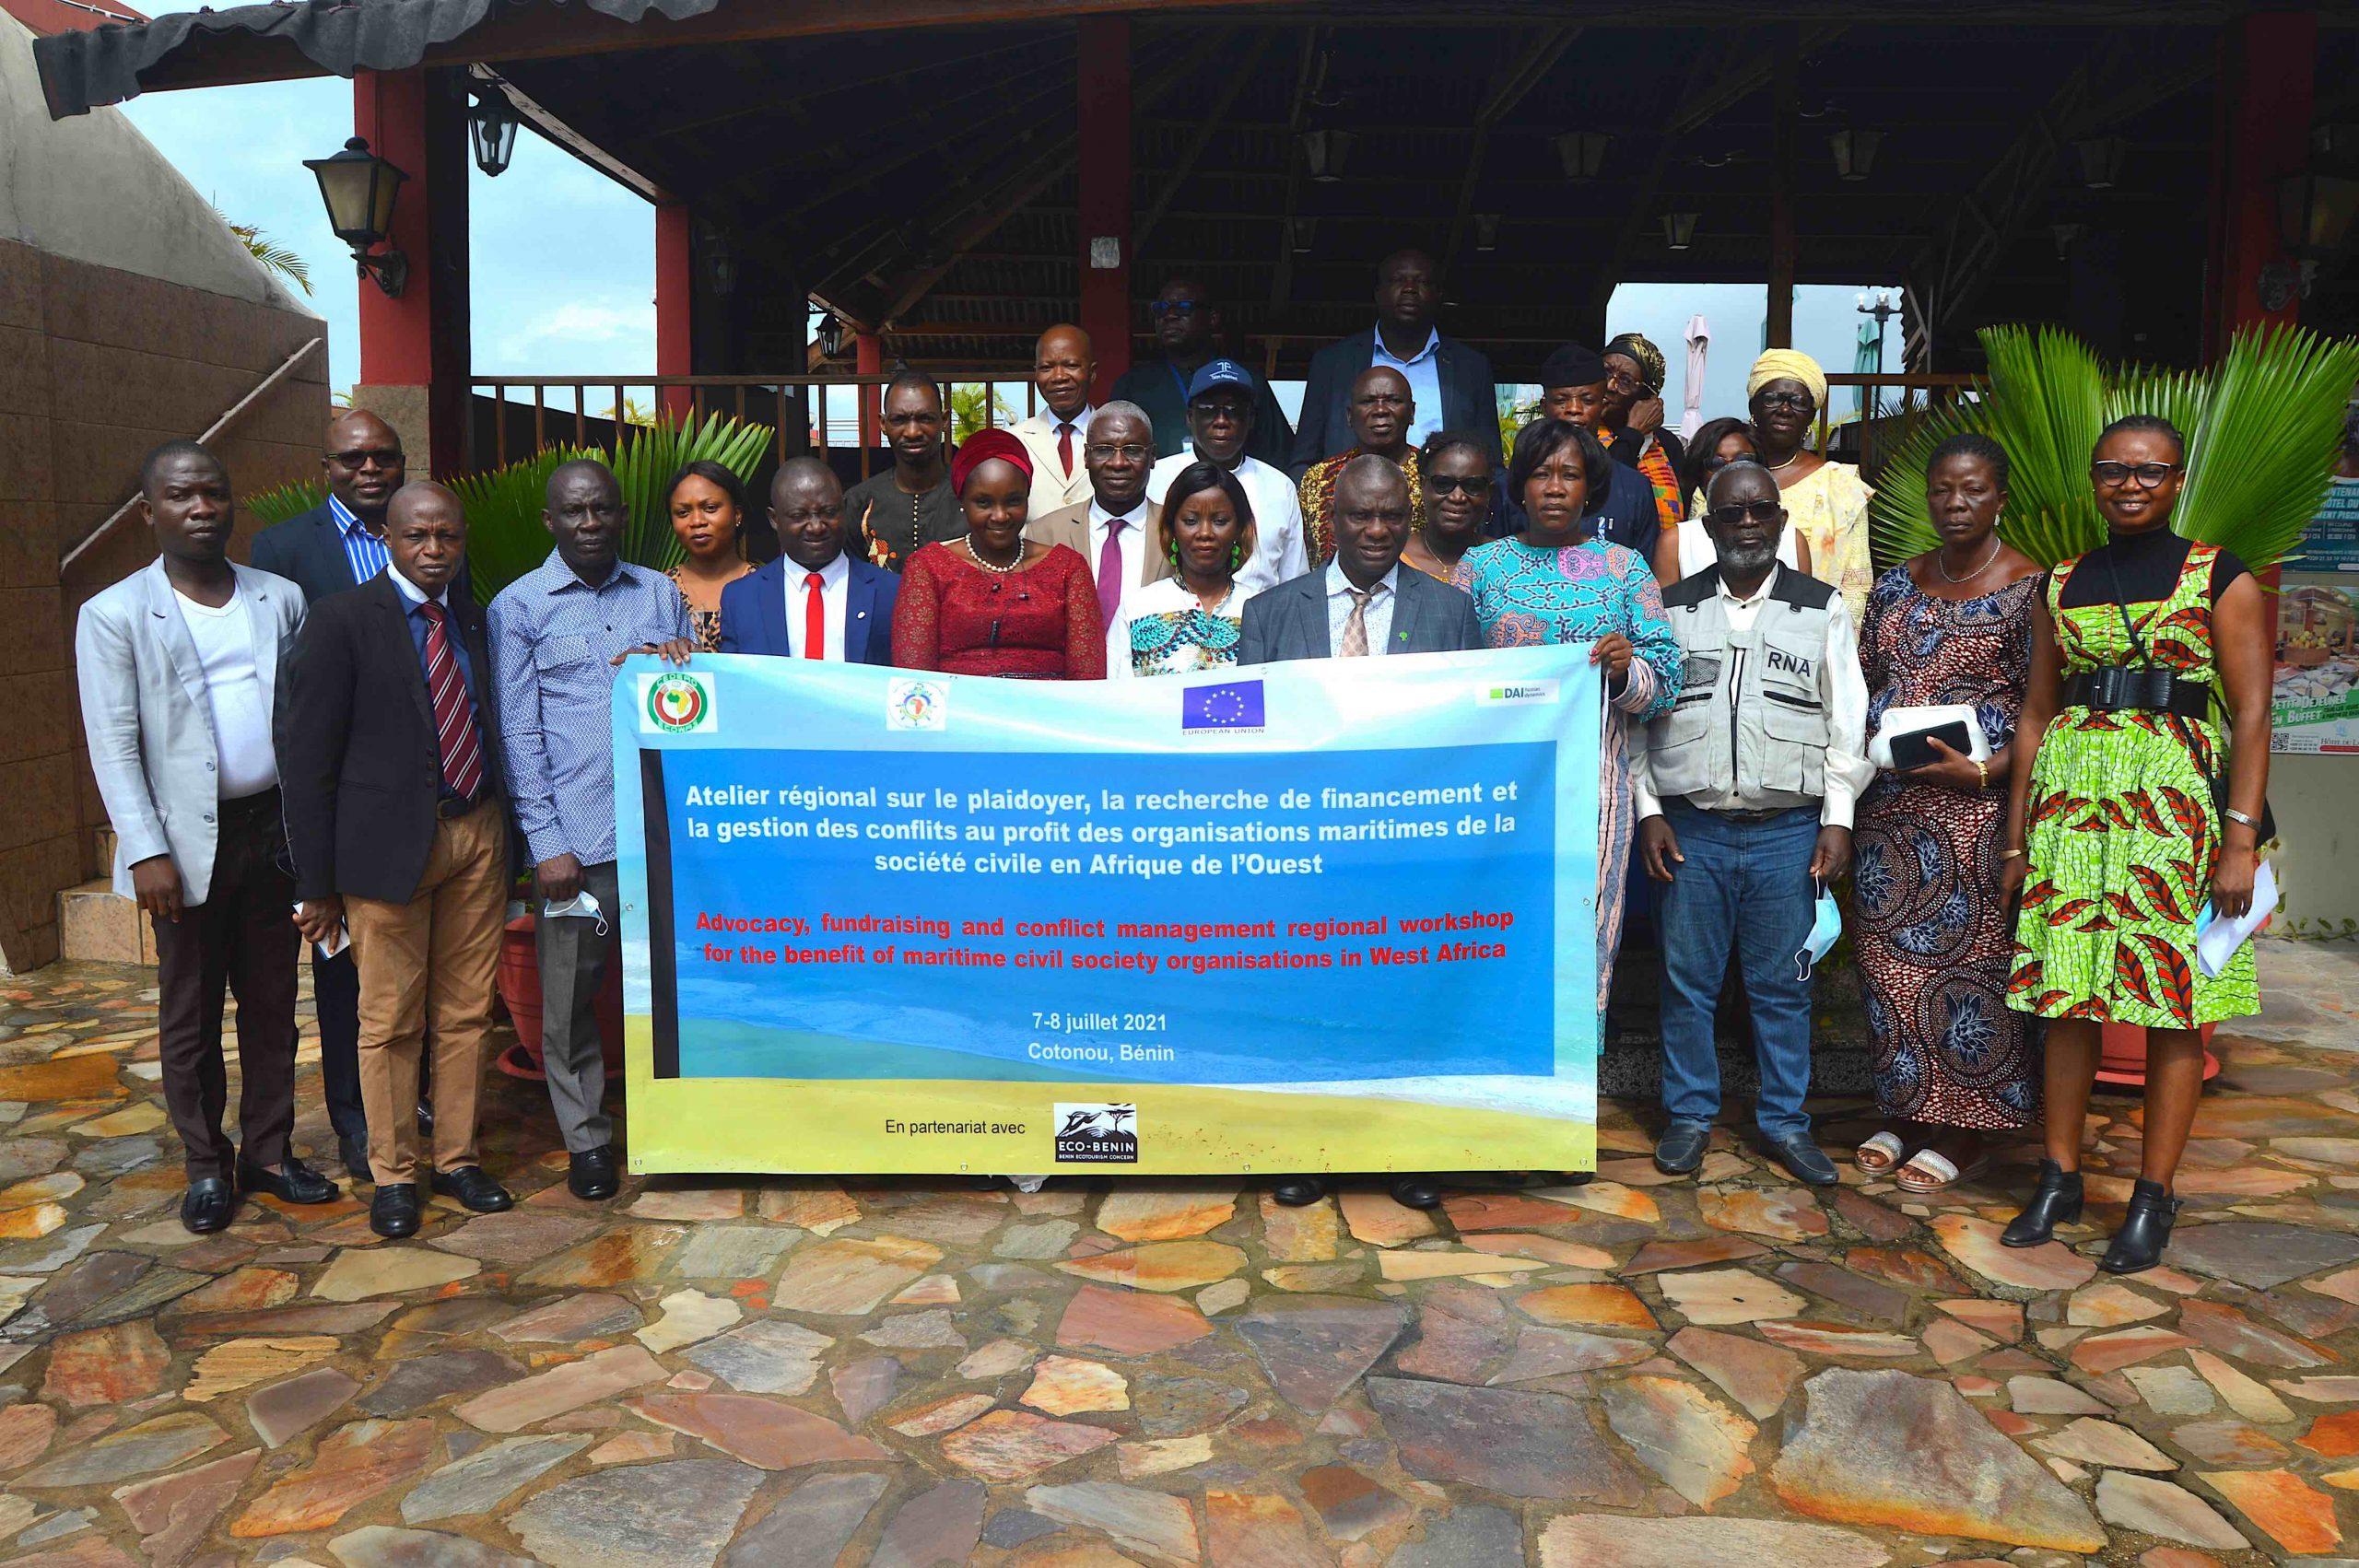 CEDEAO – UE: Sûreté maritime, le projet SWAIMS engage la société civile à jouer son rôle